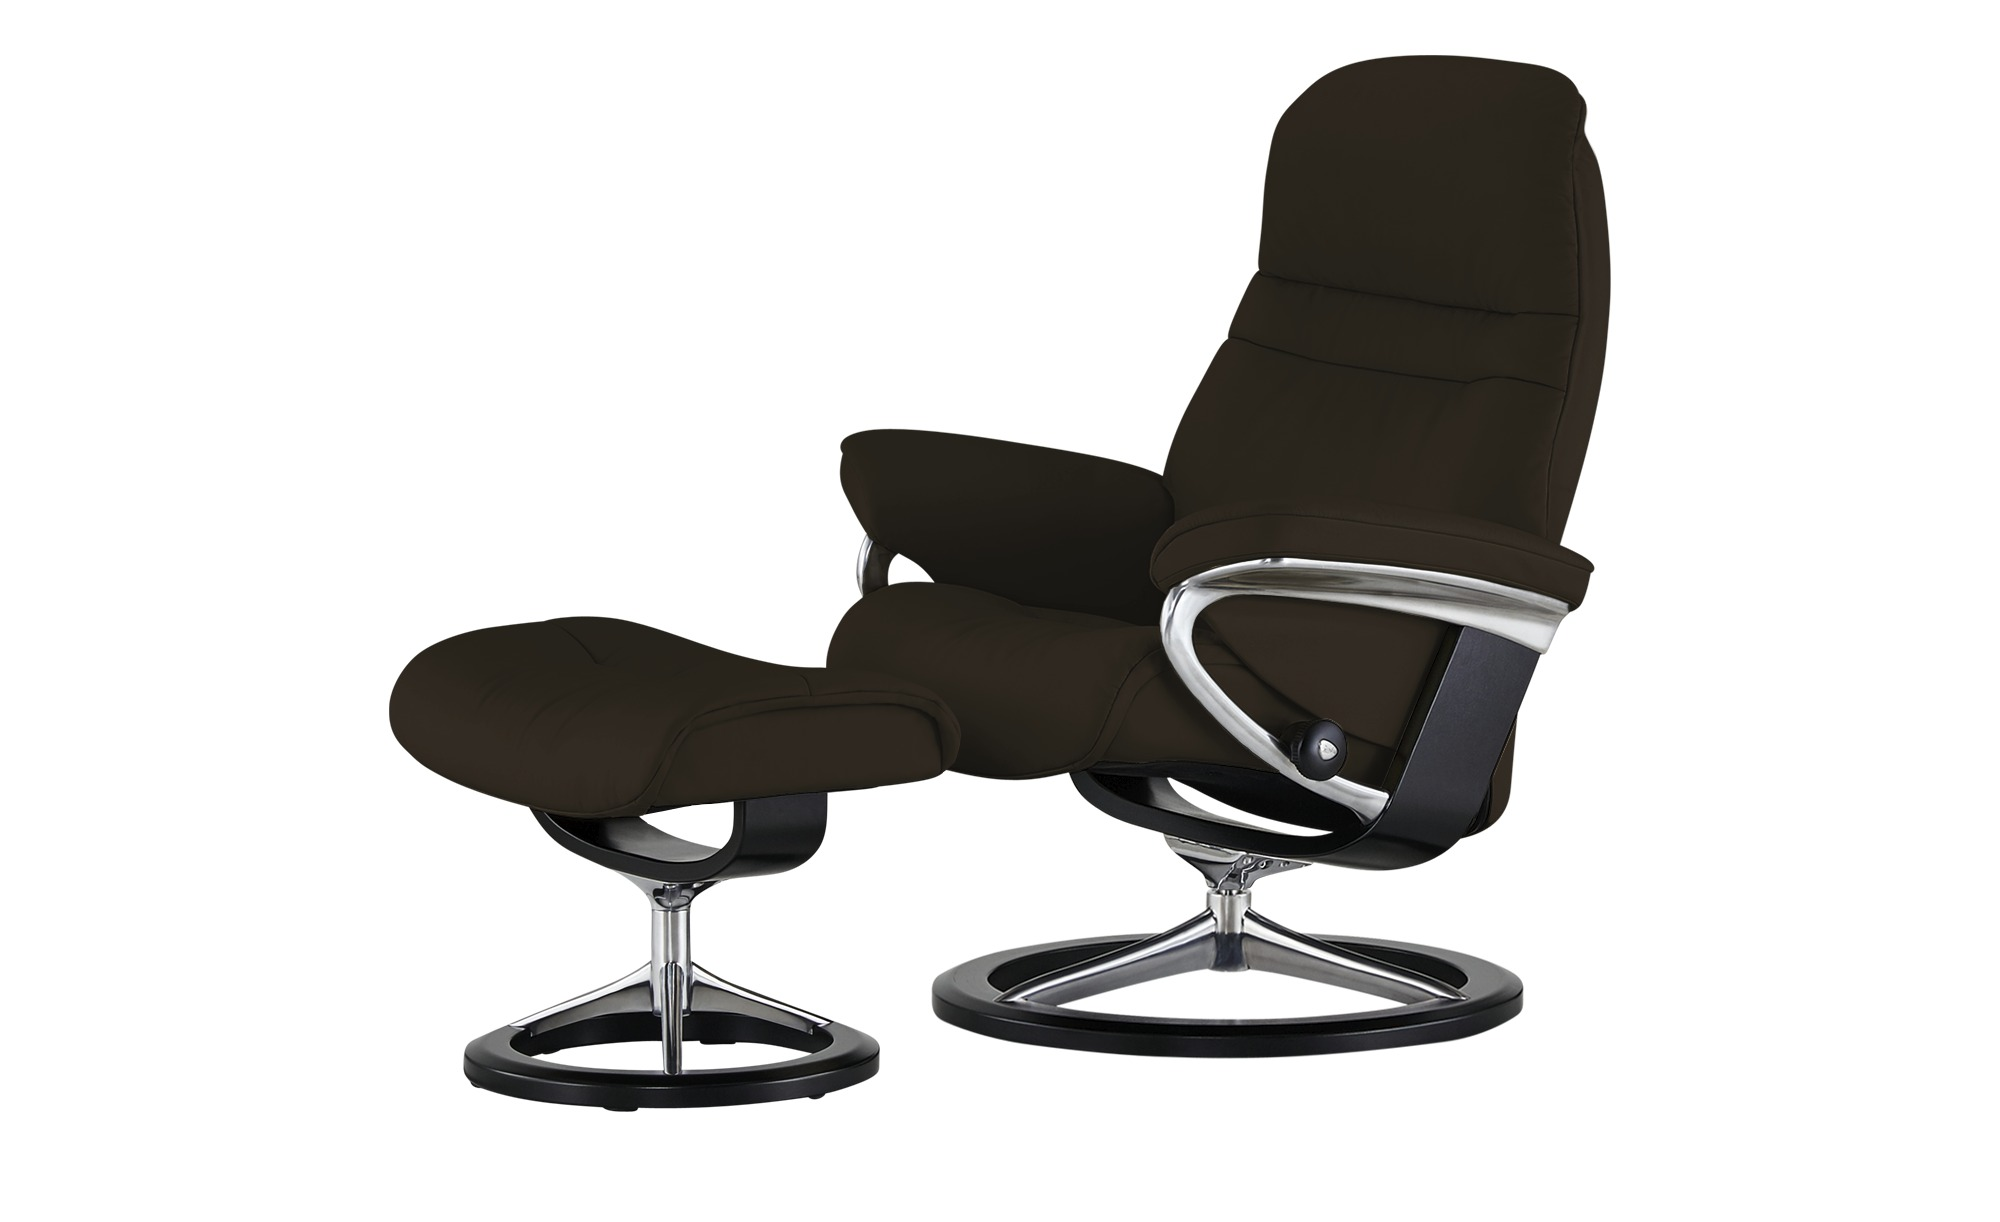 Stressless Relaxsessel mit Hocker Sunrise L, gefunden bei Möbel Höffner